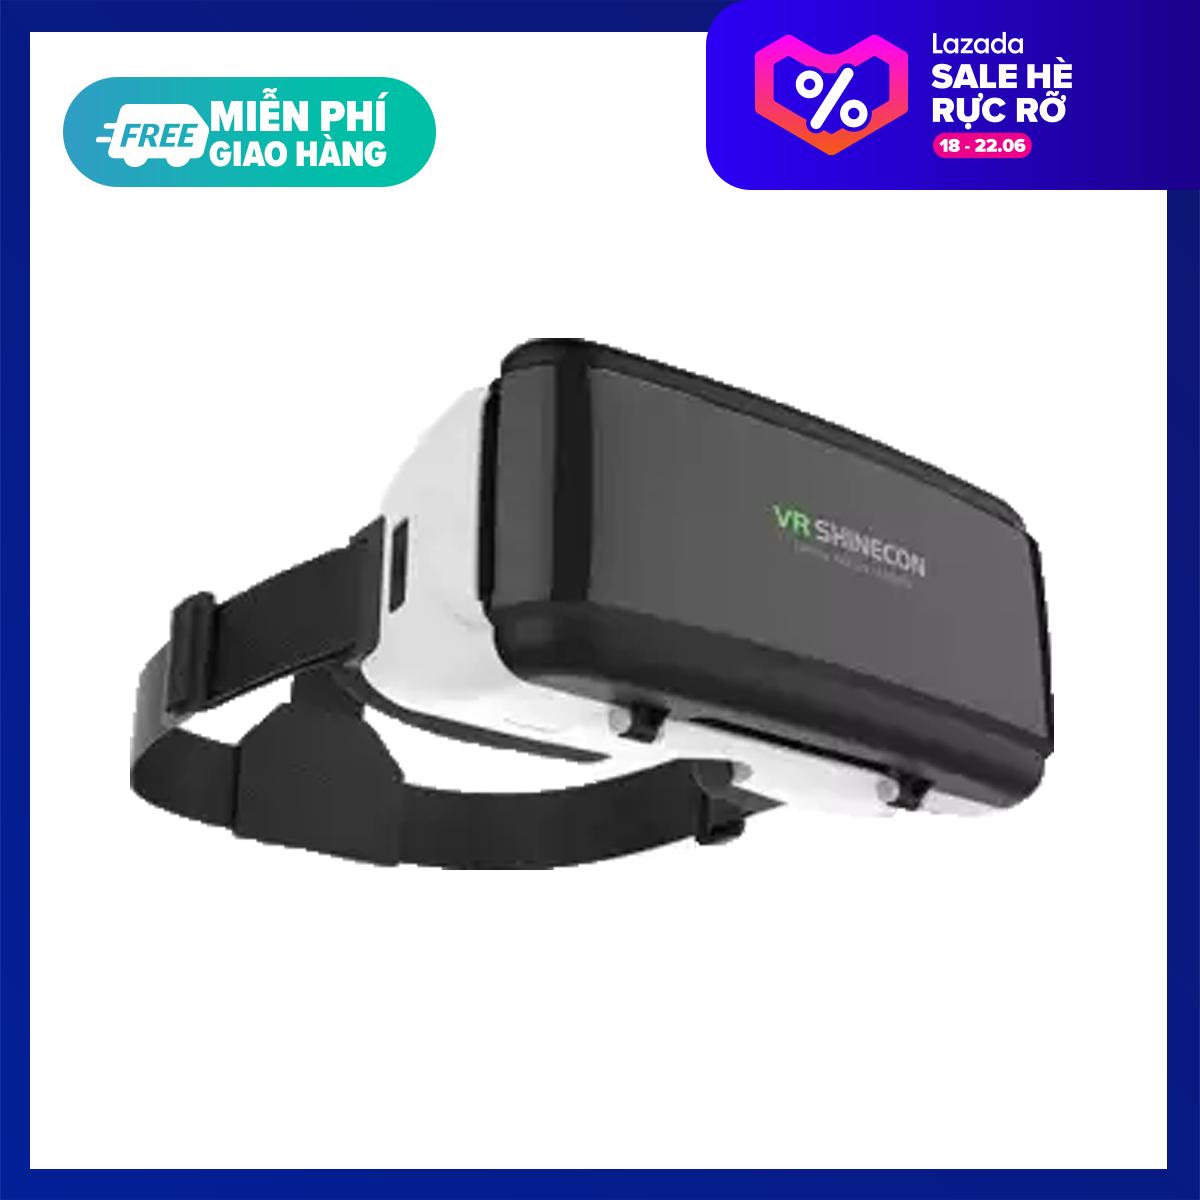 [HCM]Kính 3D Vr Shinecon G06/ G06E/ G07E tương thích với các dòng smartphone từ 4.7 tới 6 inch hỗ trợ thấu kính Aspherical 40mm